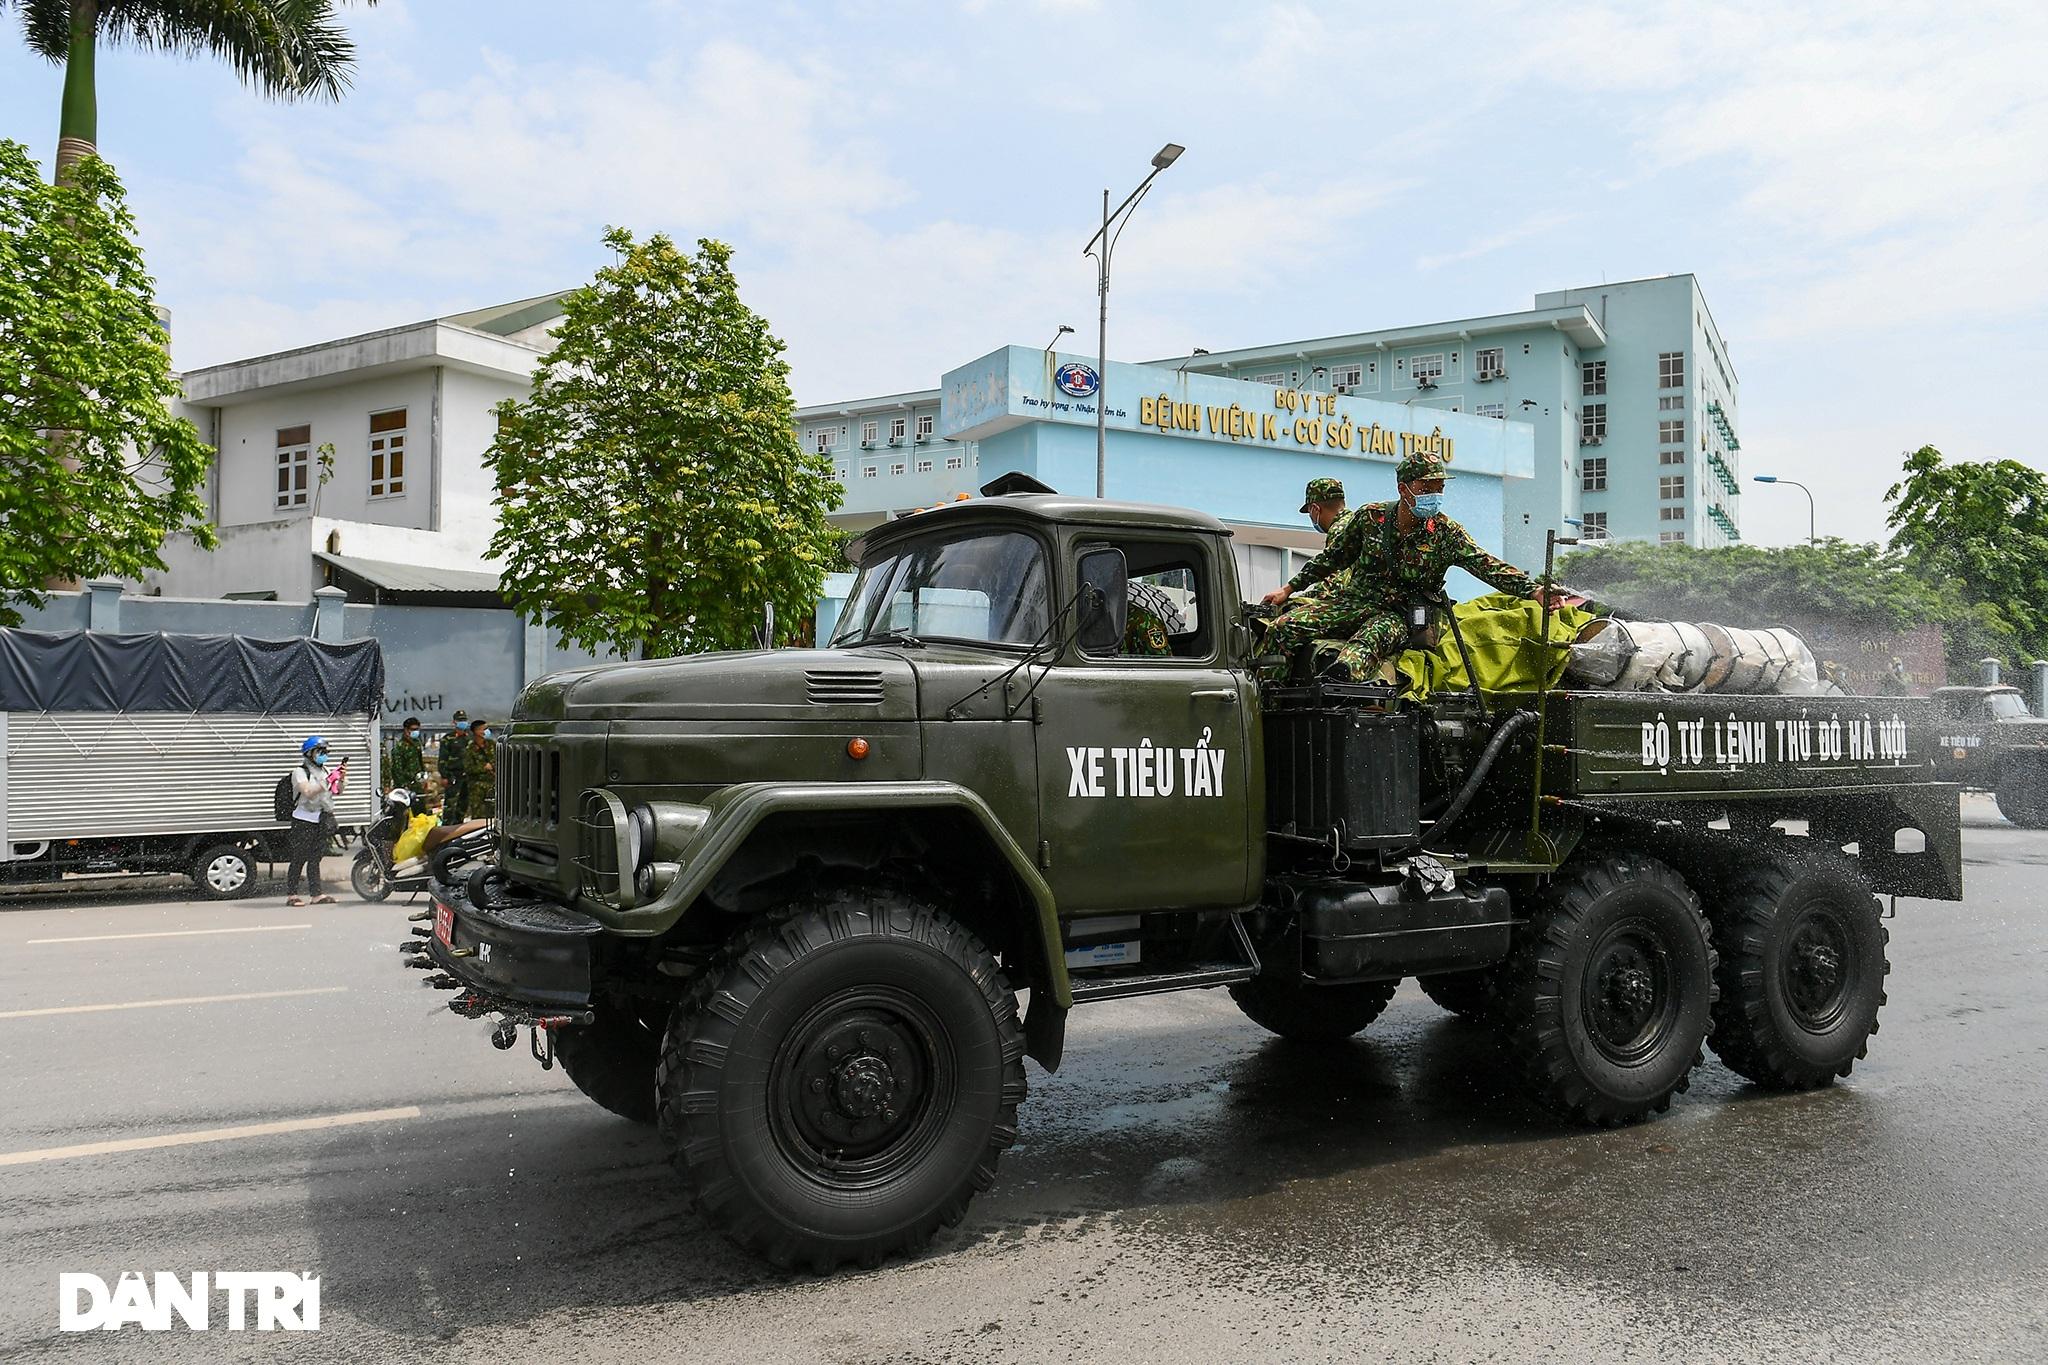 Khẩn cấp phun khử khuẩn, tiêu độc toàn bộ Bệnh viện K cơ sở Tân Triều - 12